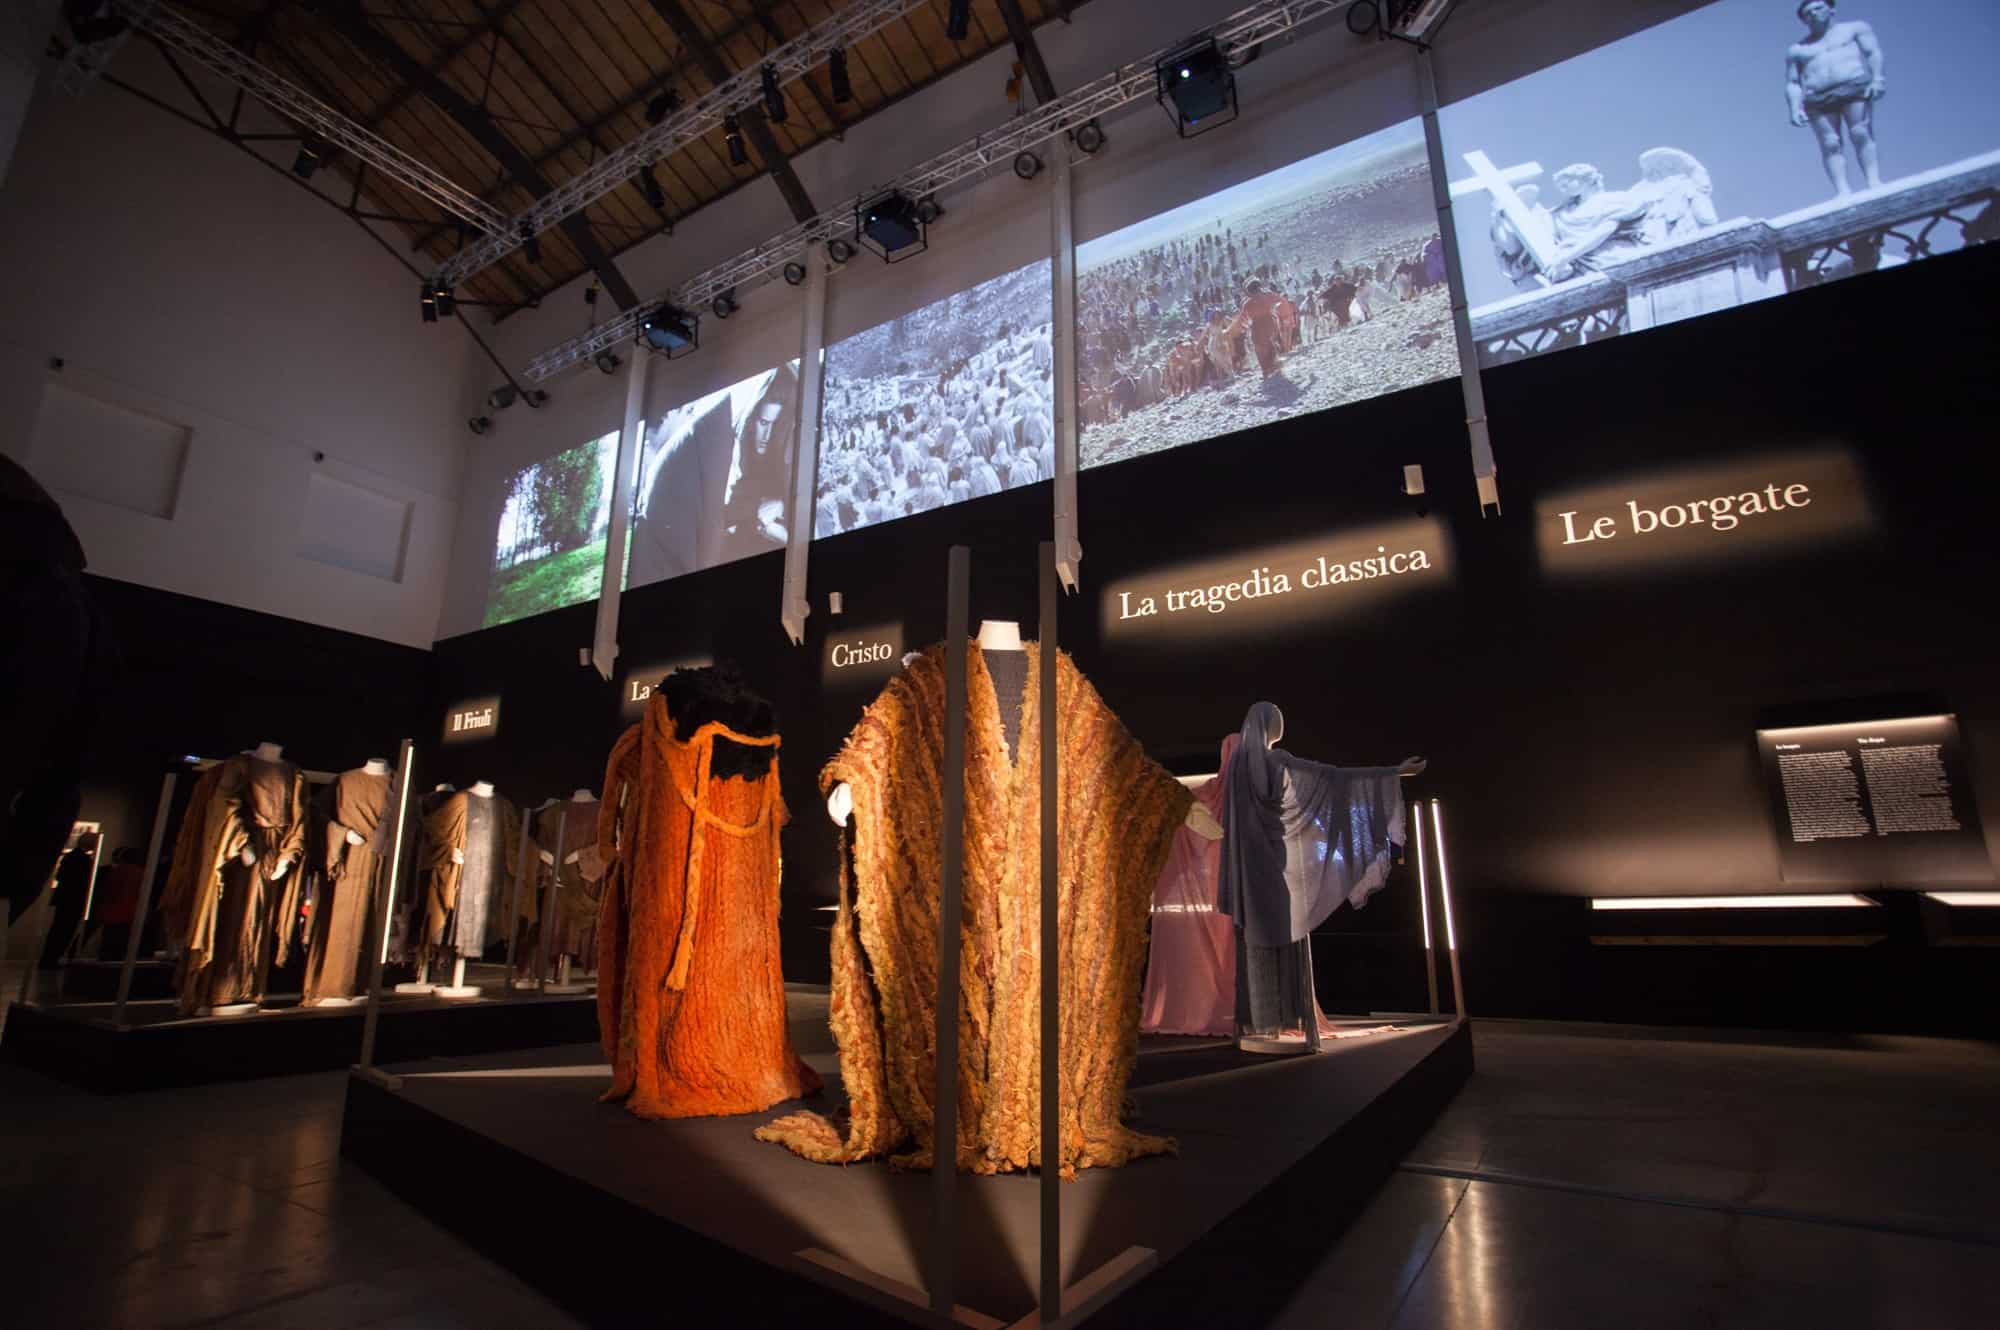 Bonaveri mannequins for pasolini exhibition